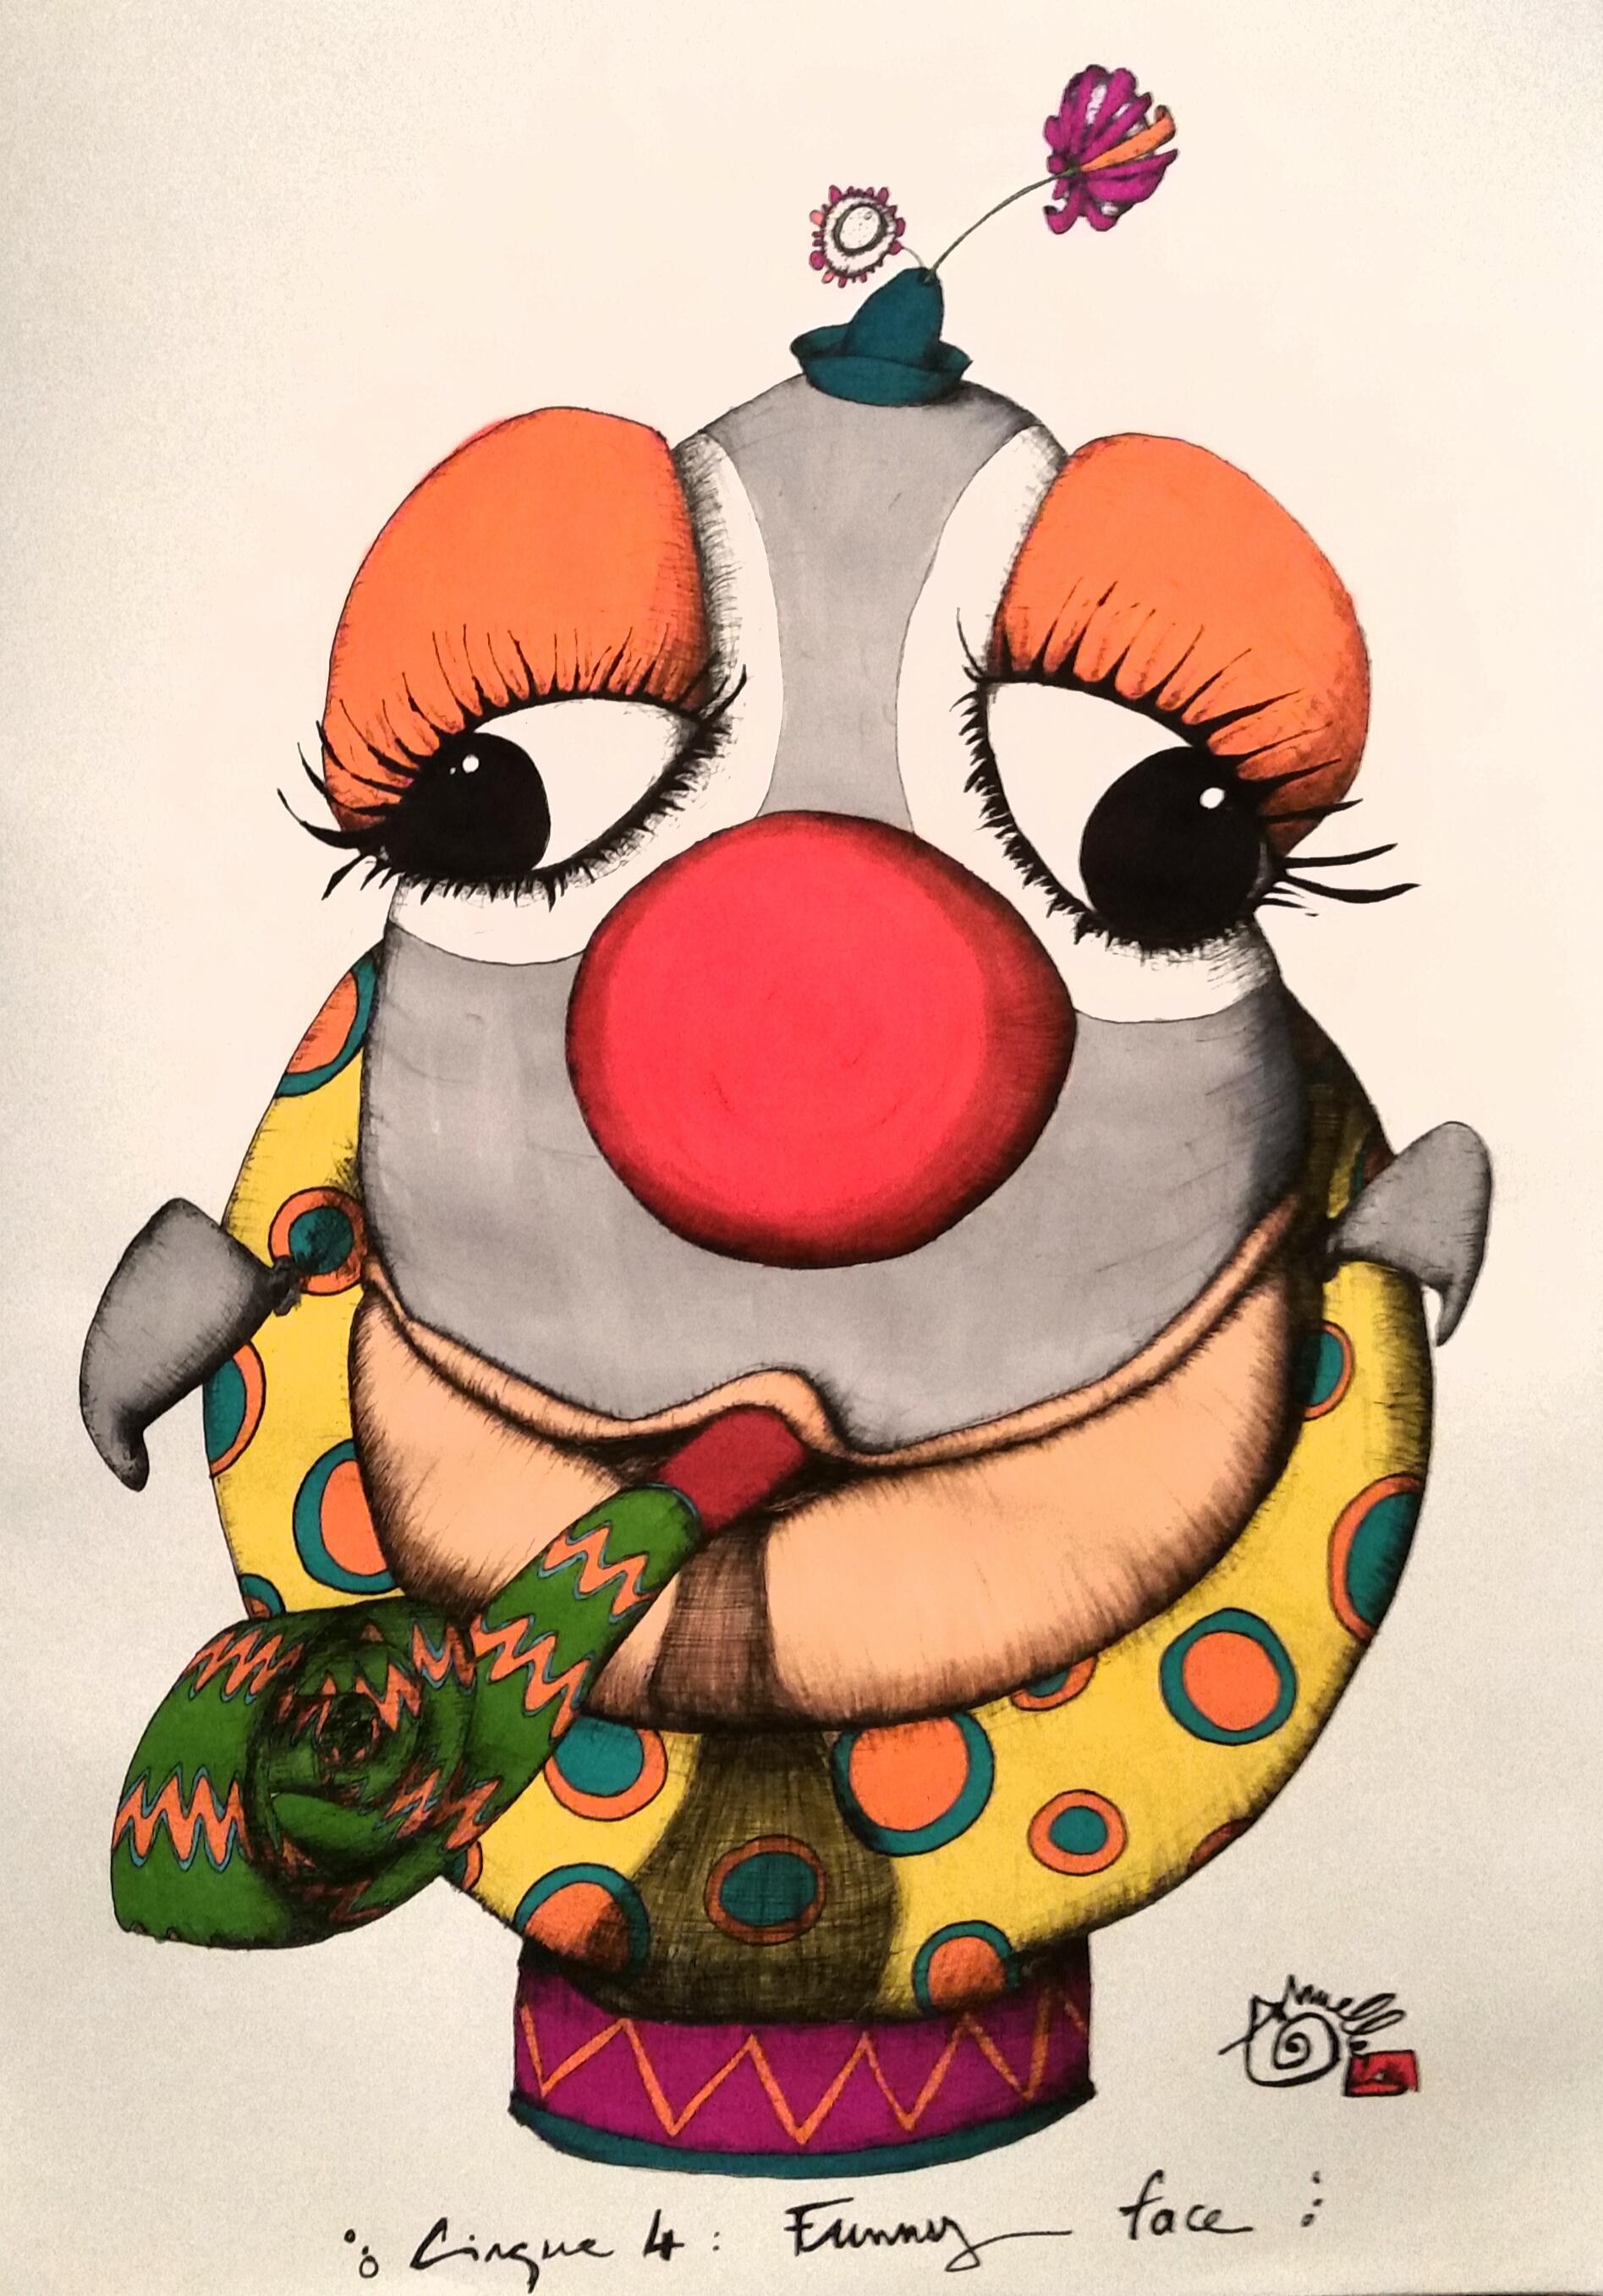 Cirque' funny face